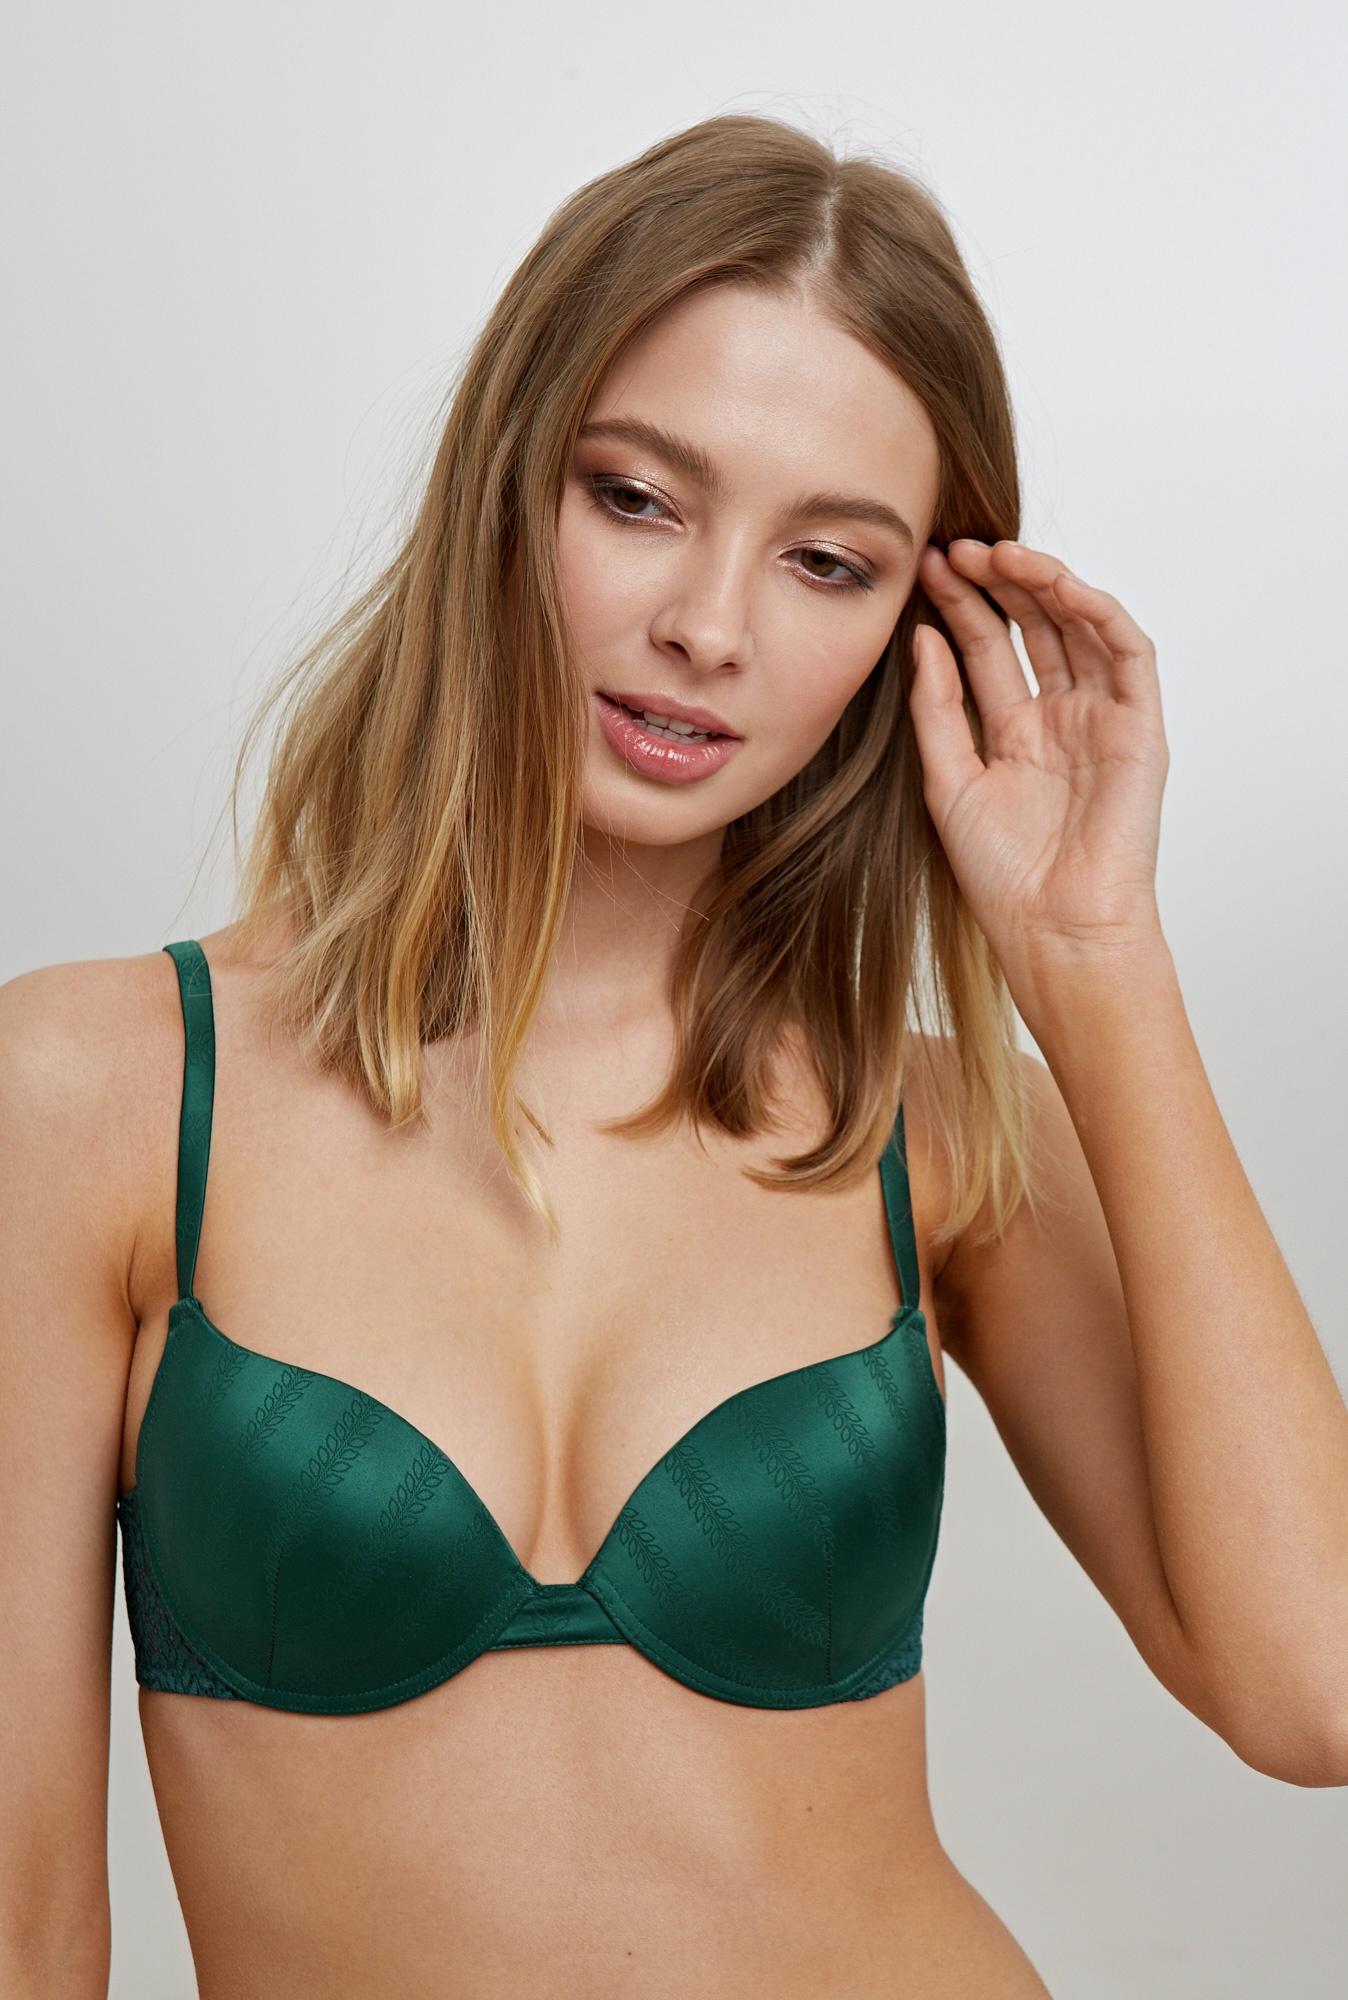 Фото - Бюстгальтер Infinity Lingerie бюстгальтер infinity lingerie neon цвет сине зеленый 31204110734 502 размер 85d